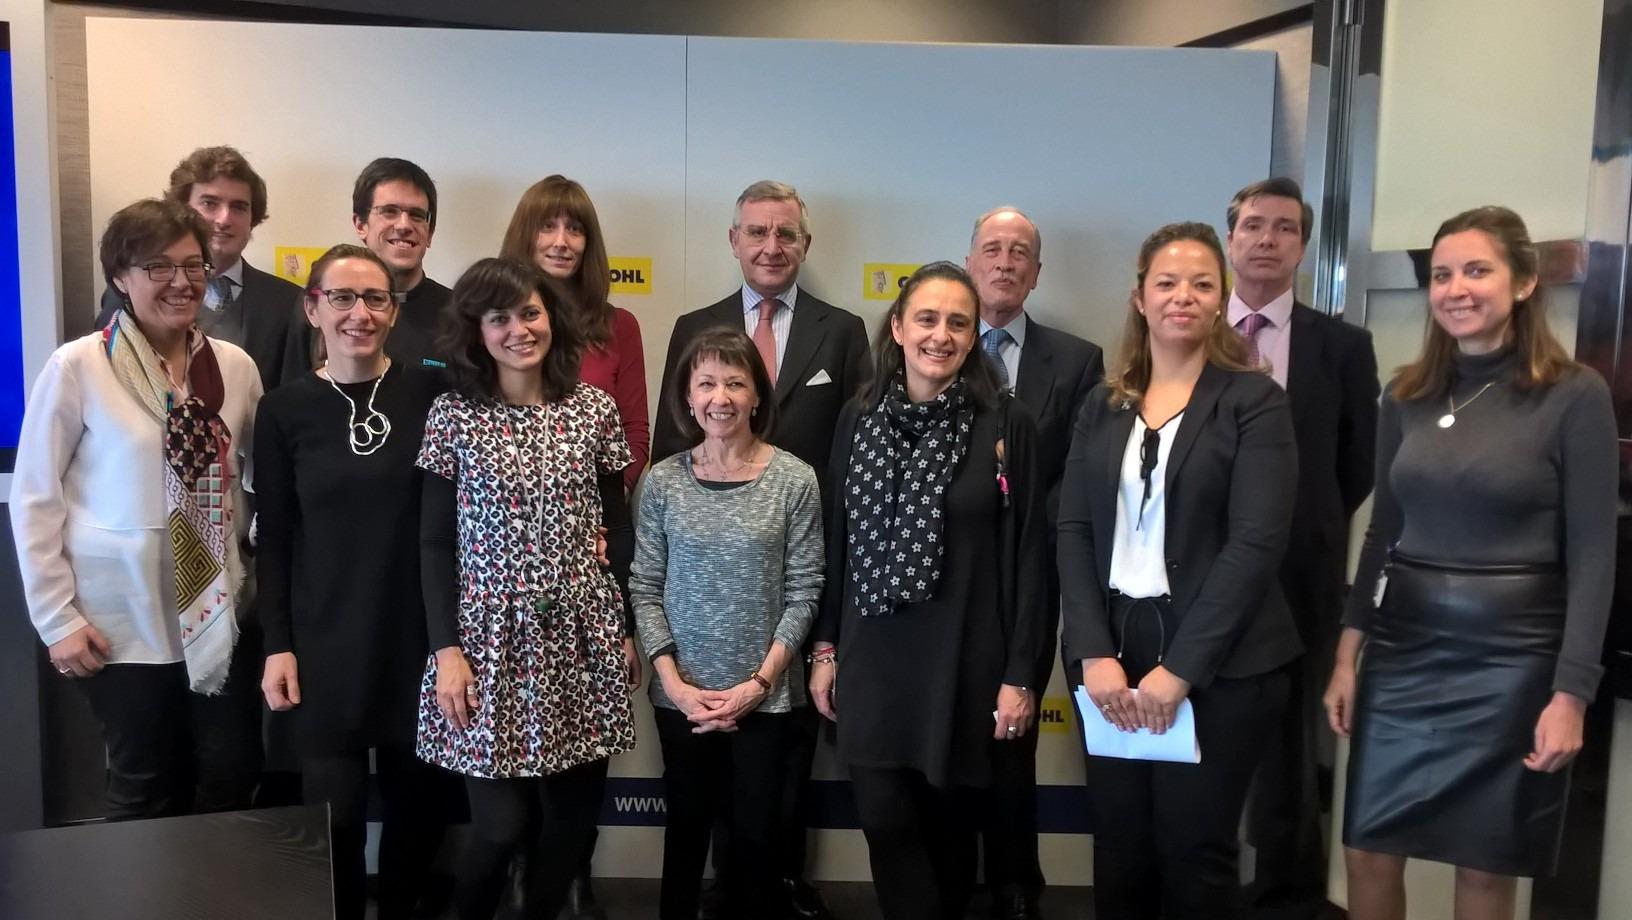 Asociación Realidades gana el tercer premio de la I Convocatoria de Proyectos Sociales del Grupo OHL